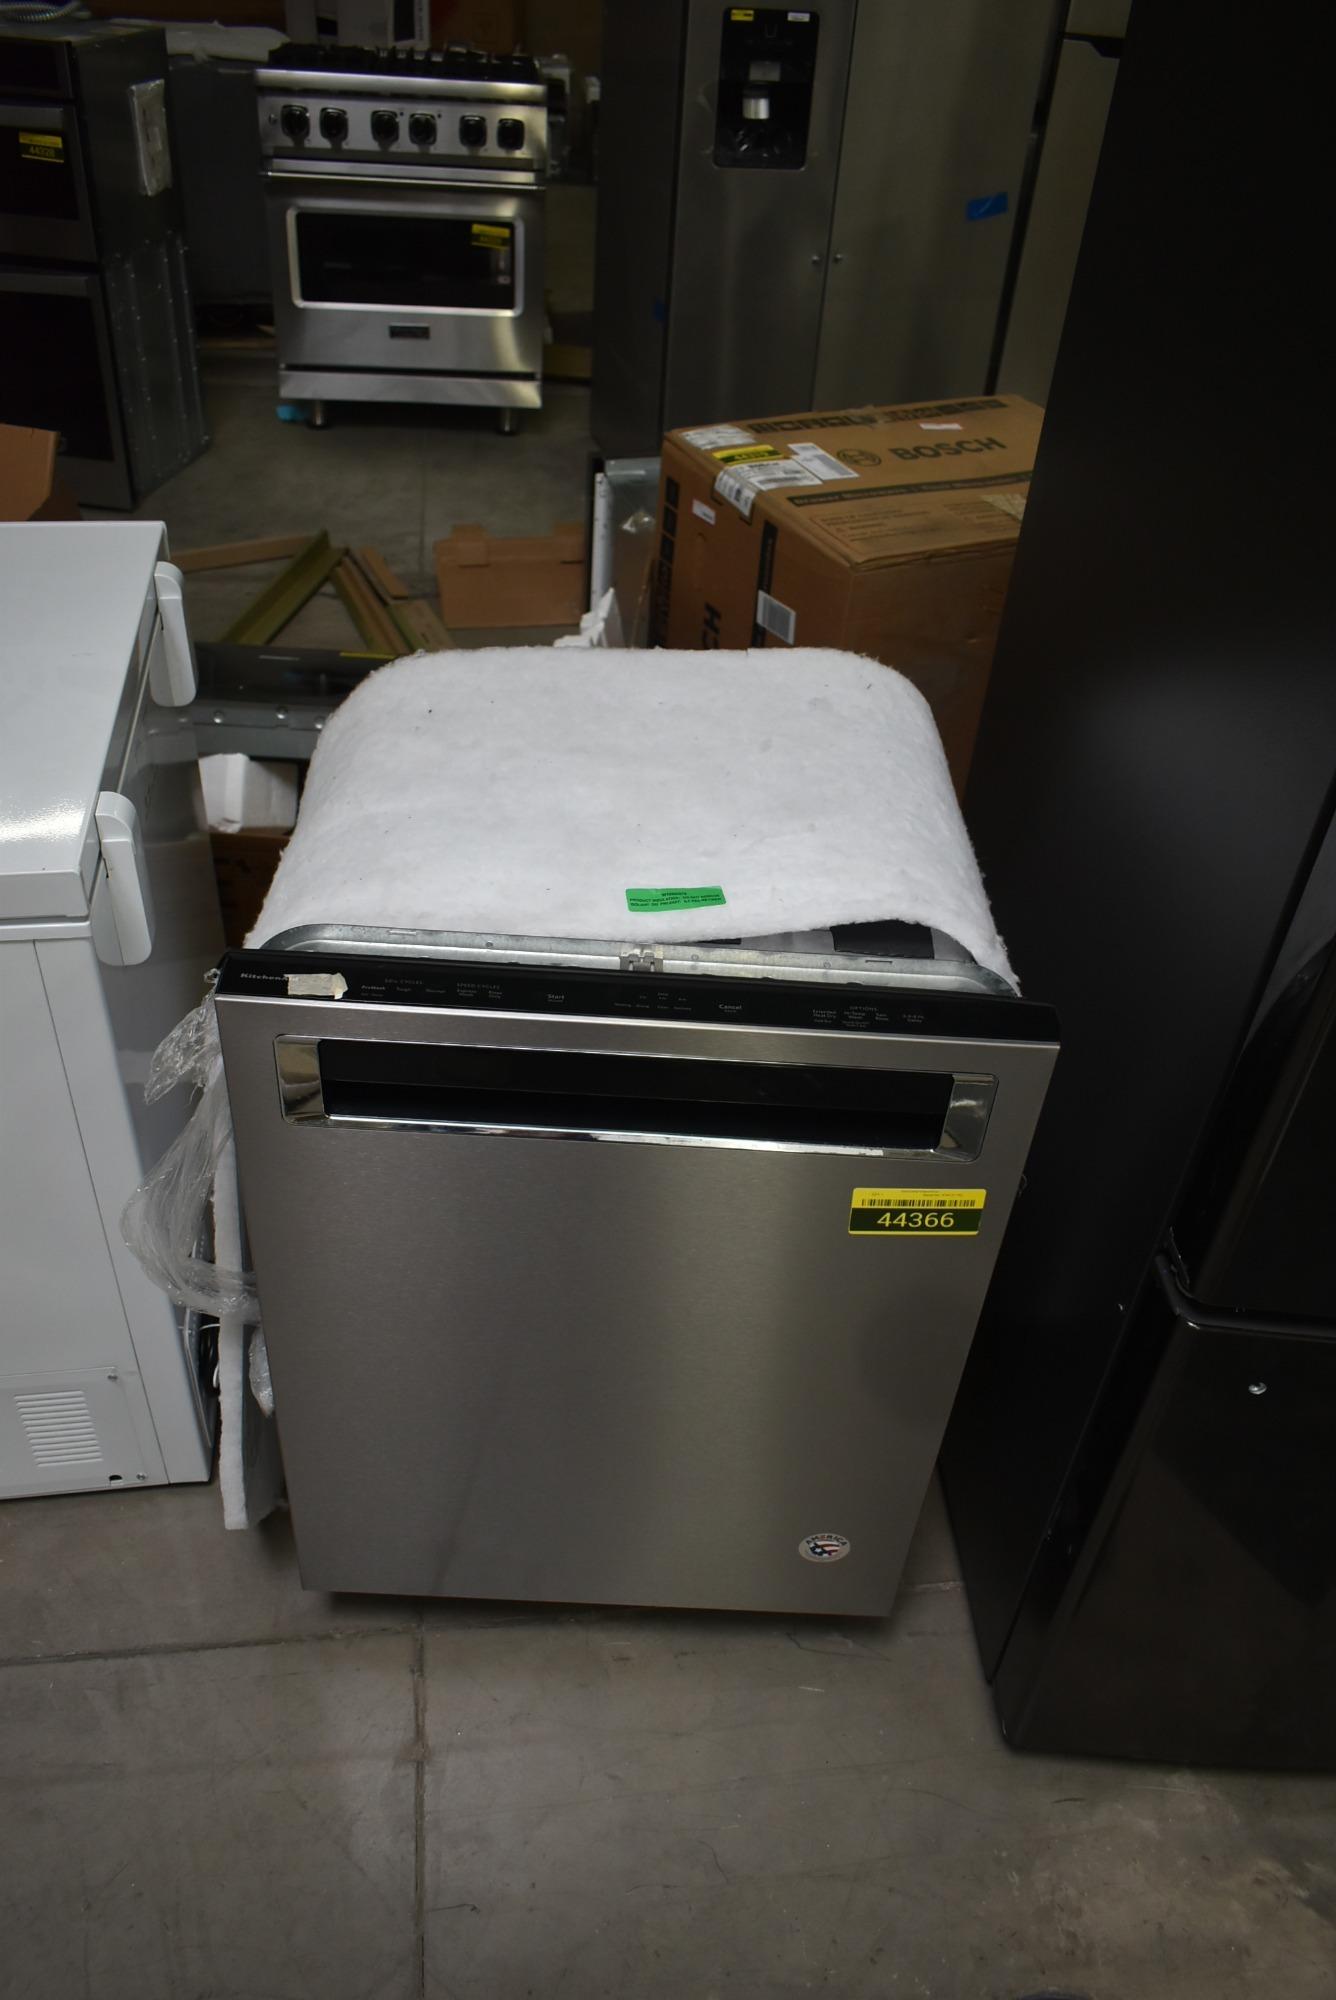 Kitchenaid Kdpe234gps 24 Stainless Fully Integrated Dishwasher Nob 44366 Hrt